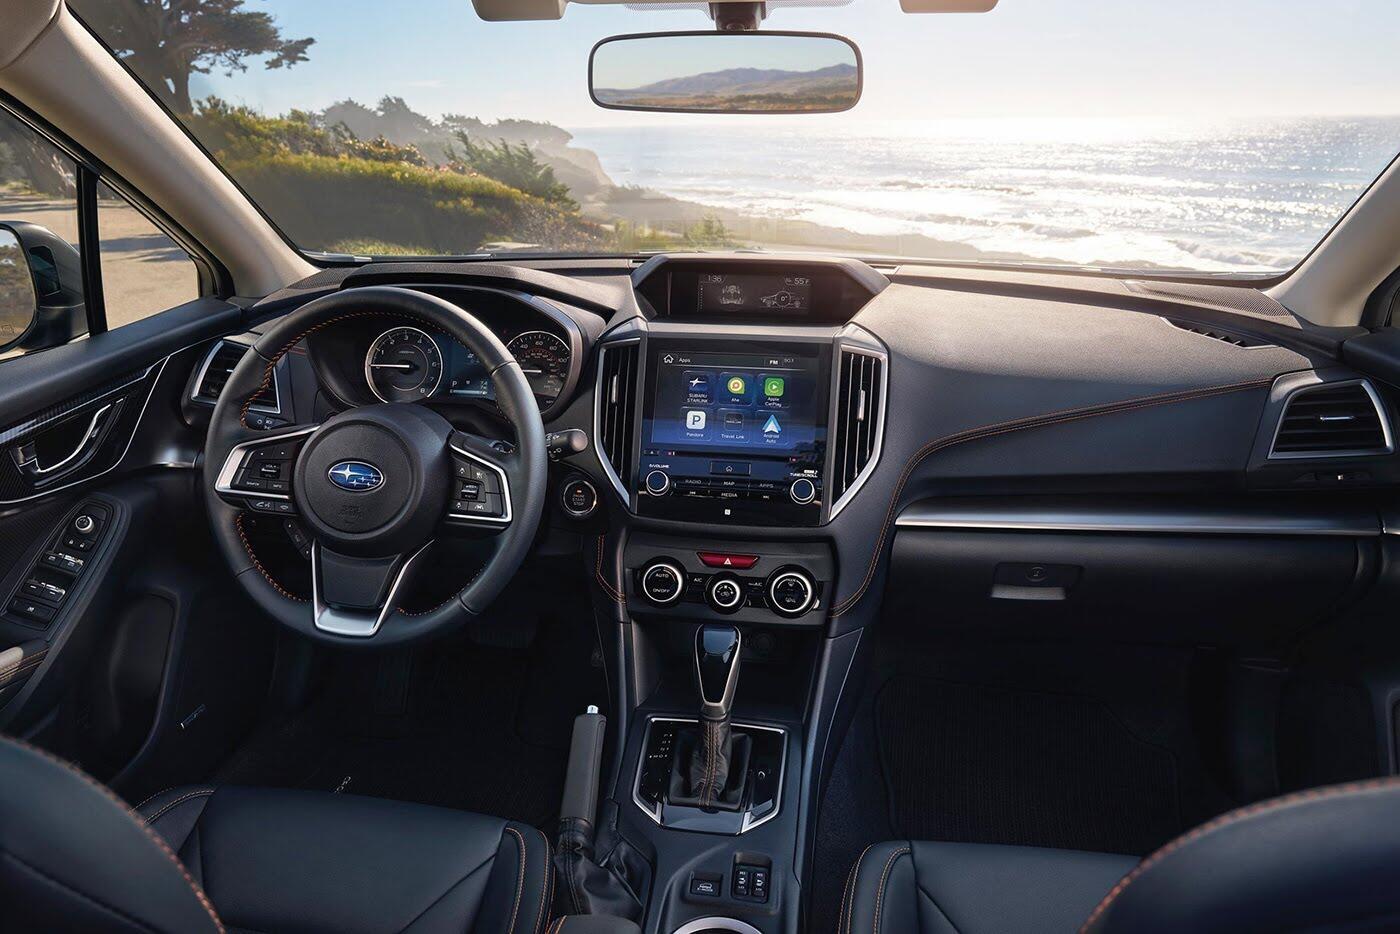 Tò mò ngắm đối thủ của Honda CR-V - Hình 7